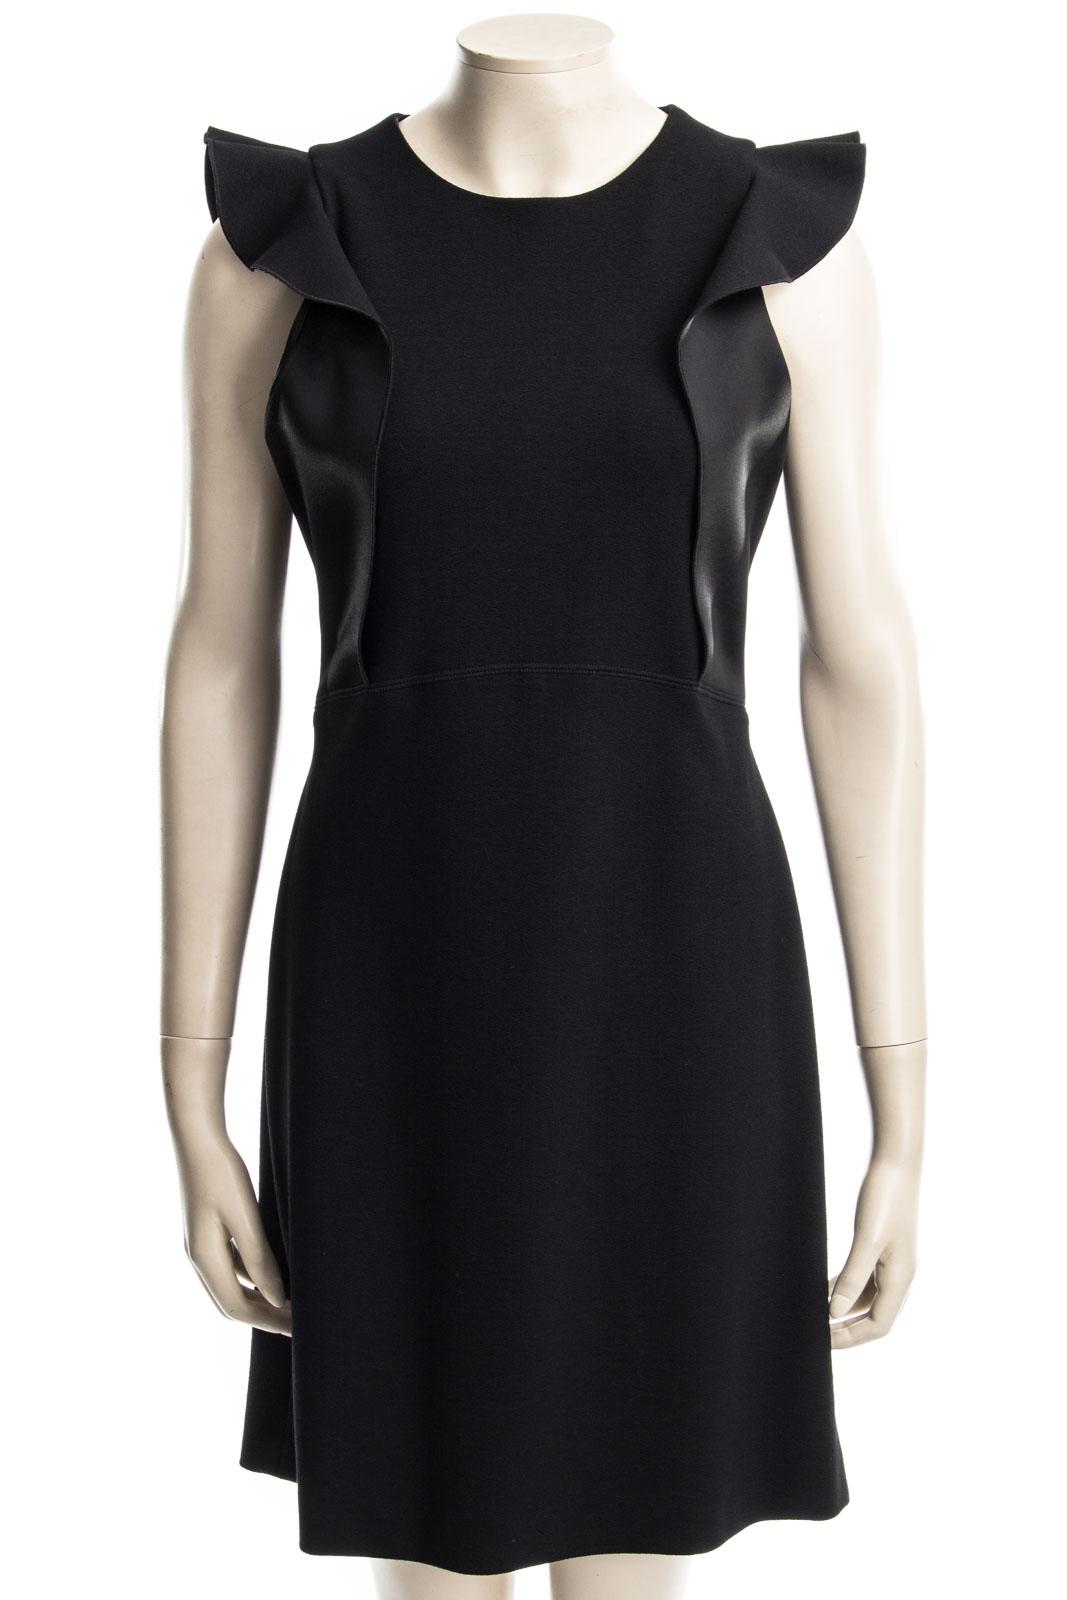 BAUDACH & SCHUSTER   ESCADA SPORT Kleid DELANT   online kaufen